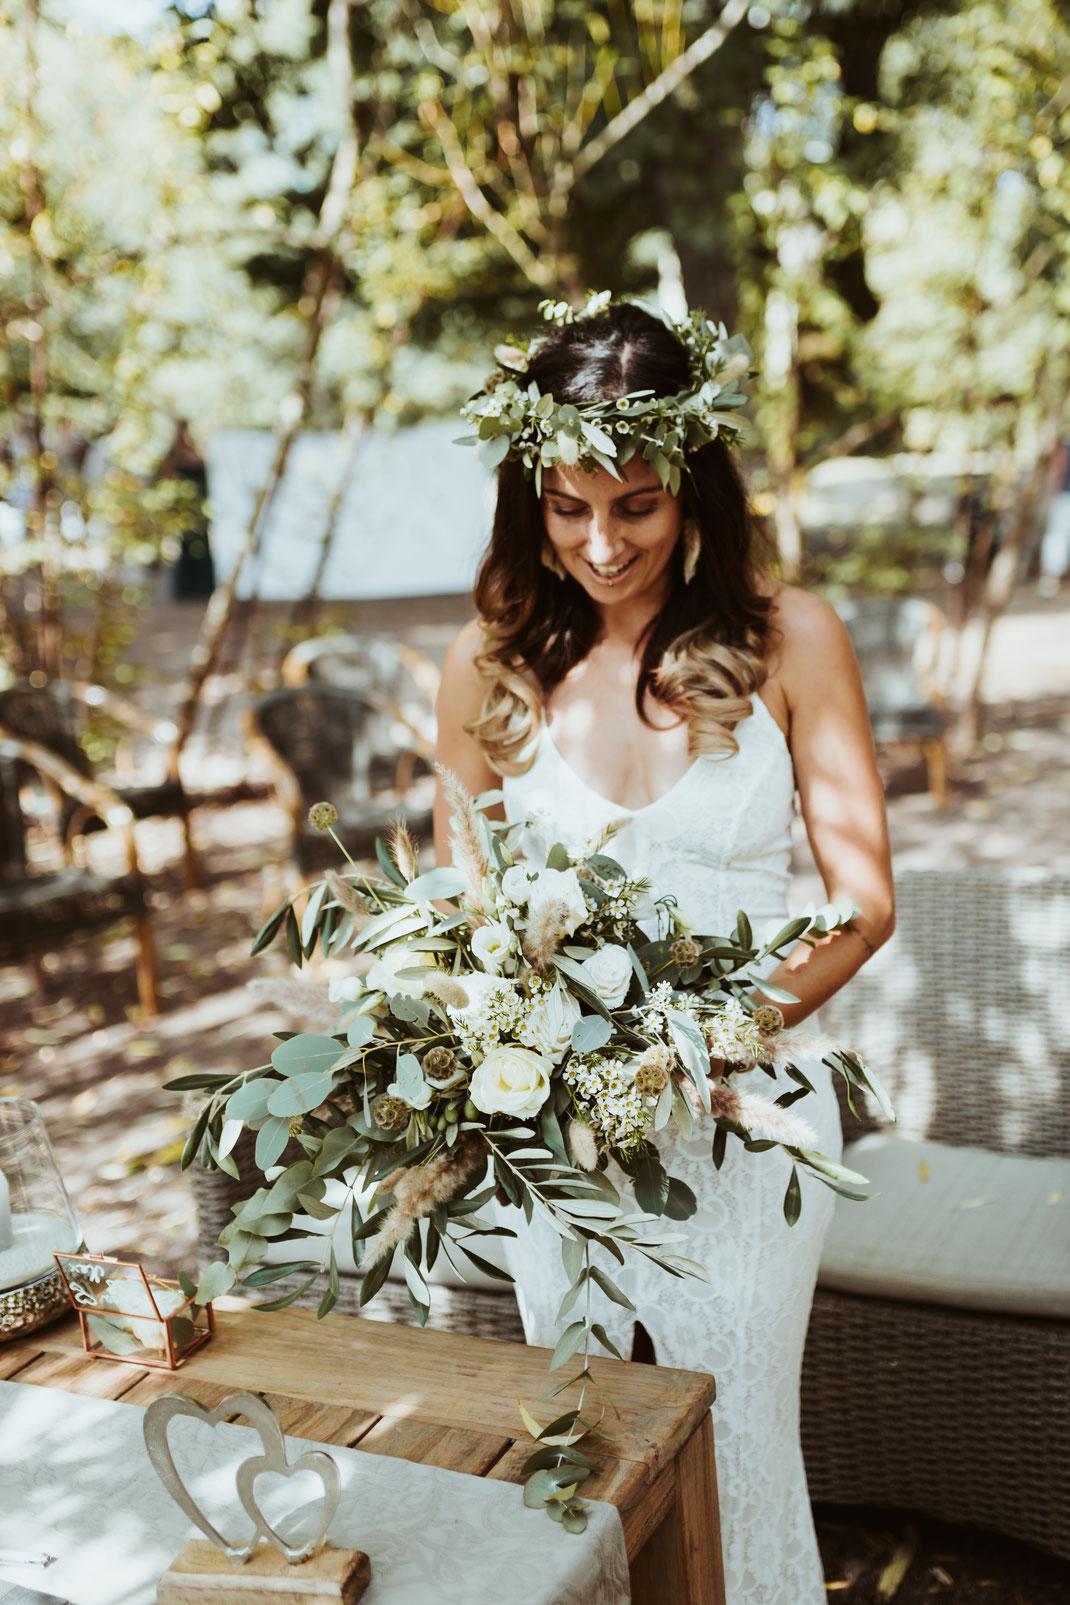 Hochzeitsfotograf Saarland - Fotograf Kai Kreutzer 603 Saarbrücken, Saarlouis, Merzig, St. Wendel